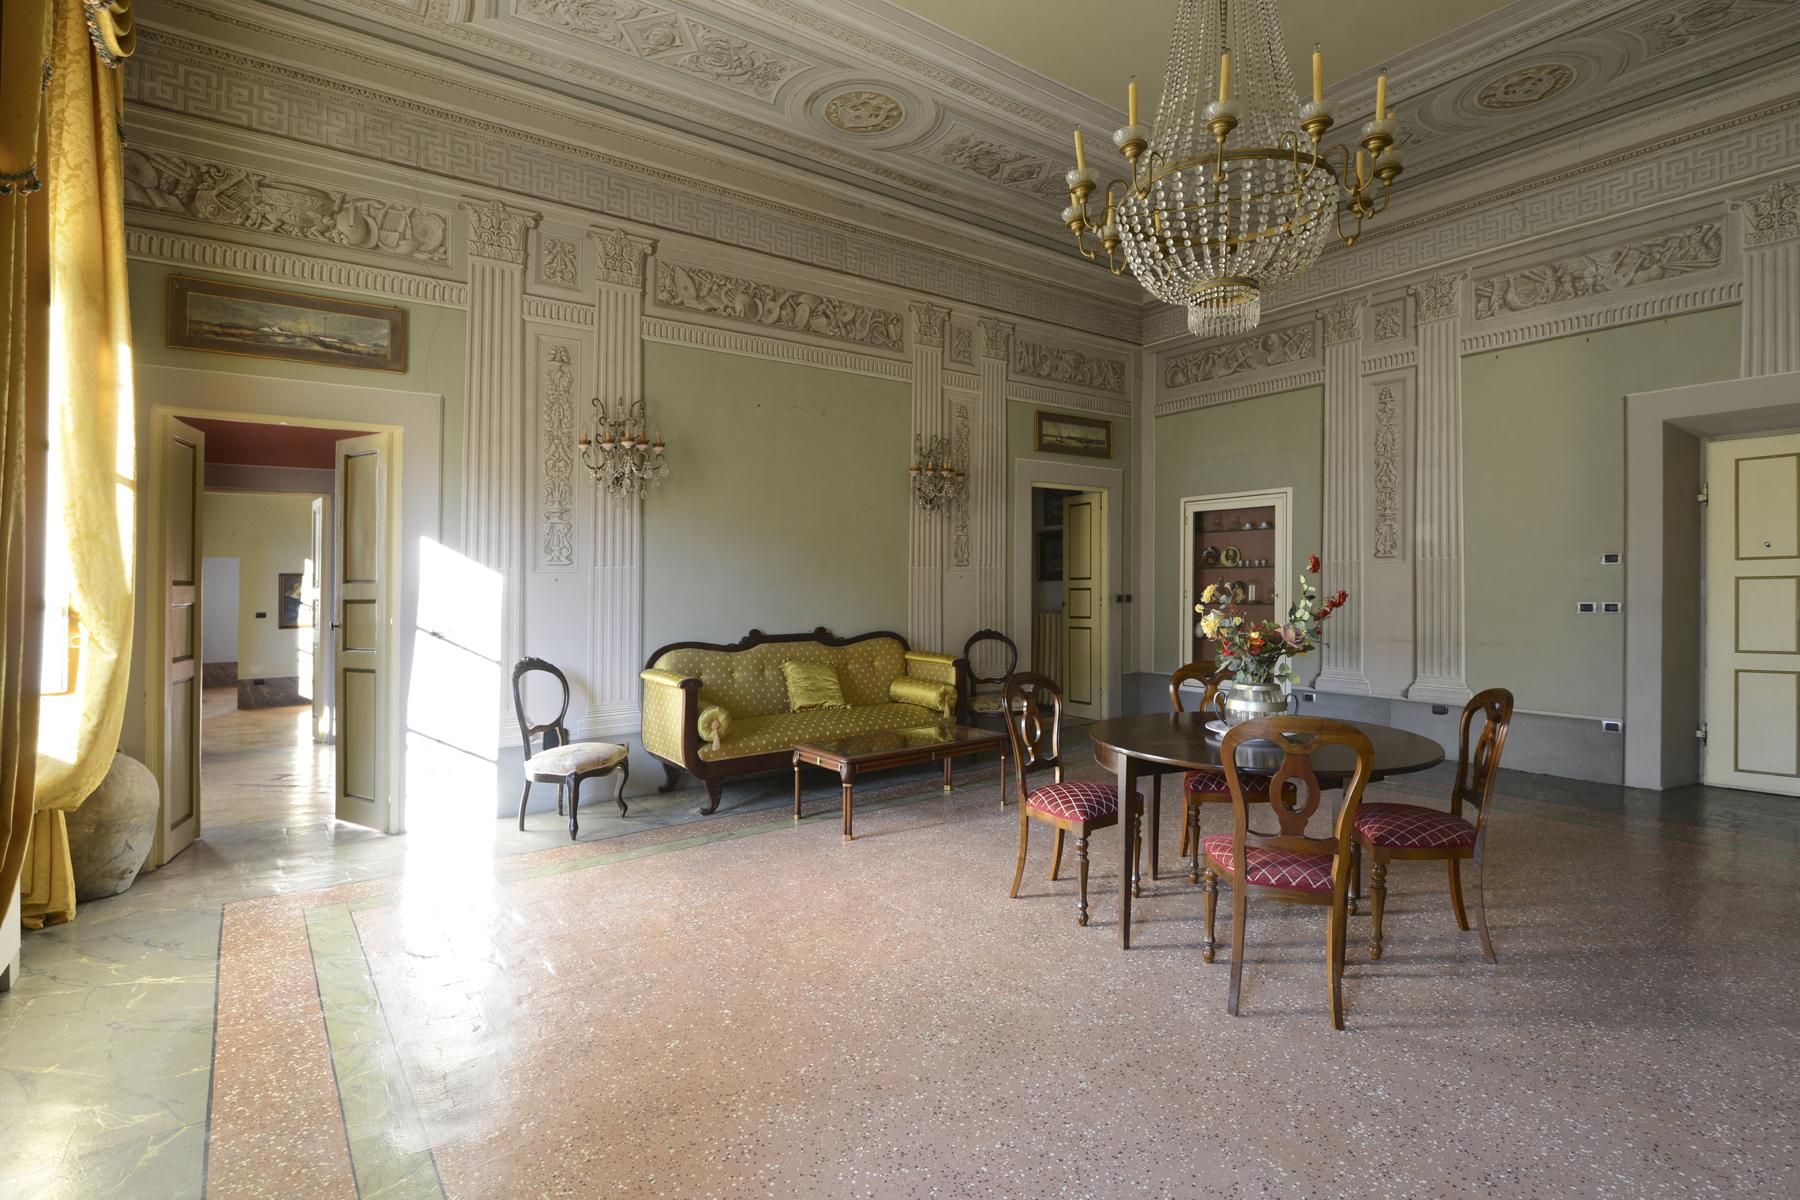 Appartamento in Vendita a Lucca: 5 locali, 230 mq - Foto 3